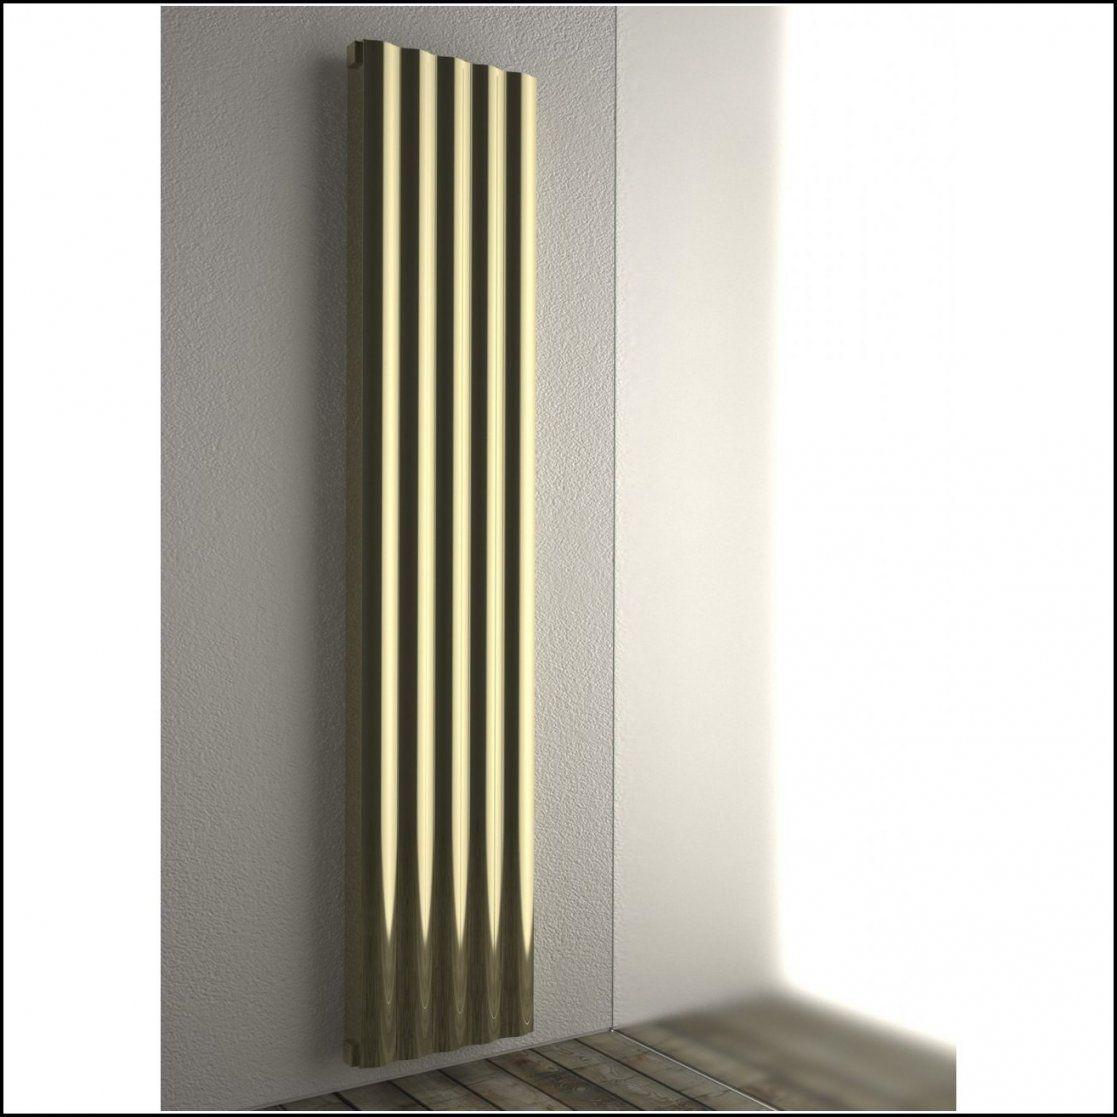 Wohnzimmer Charmant Heizkörper Wohnzimmer Ideen Hinreißend von Vertikal Heizkörper 2500 Watt Photo